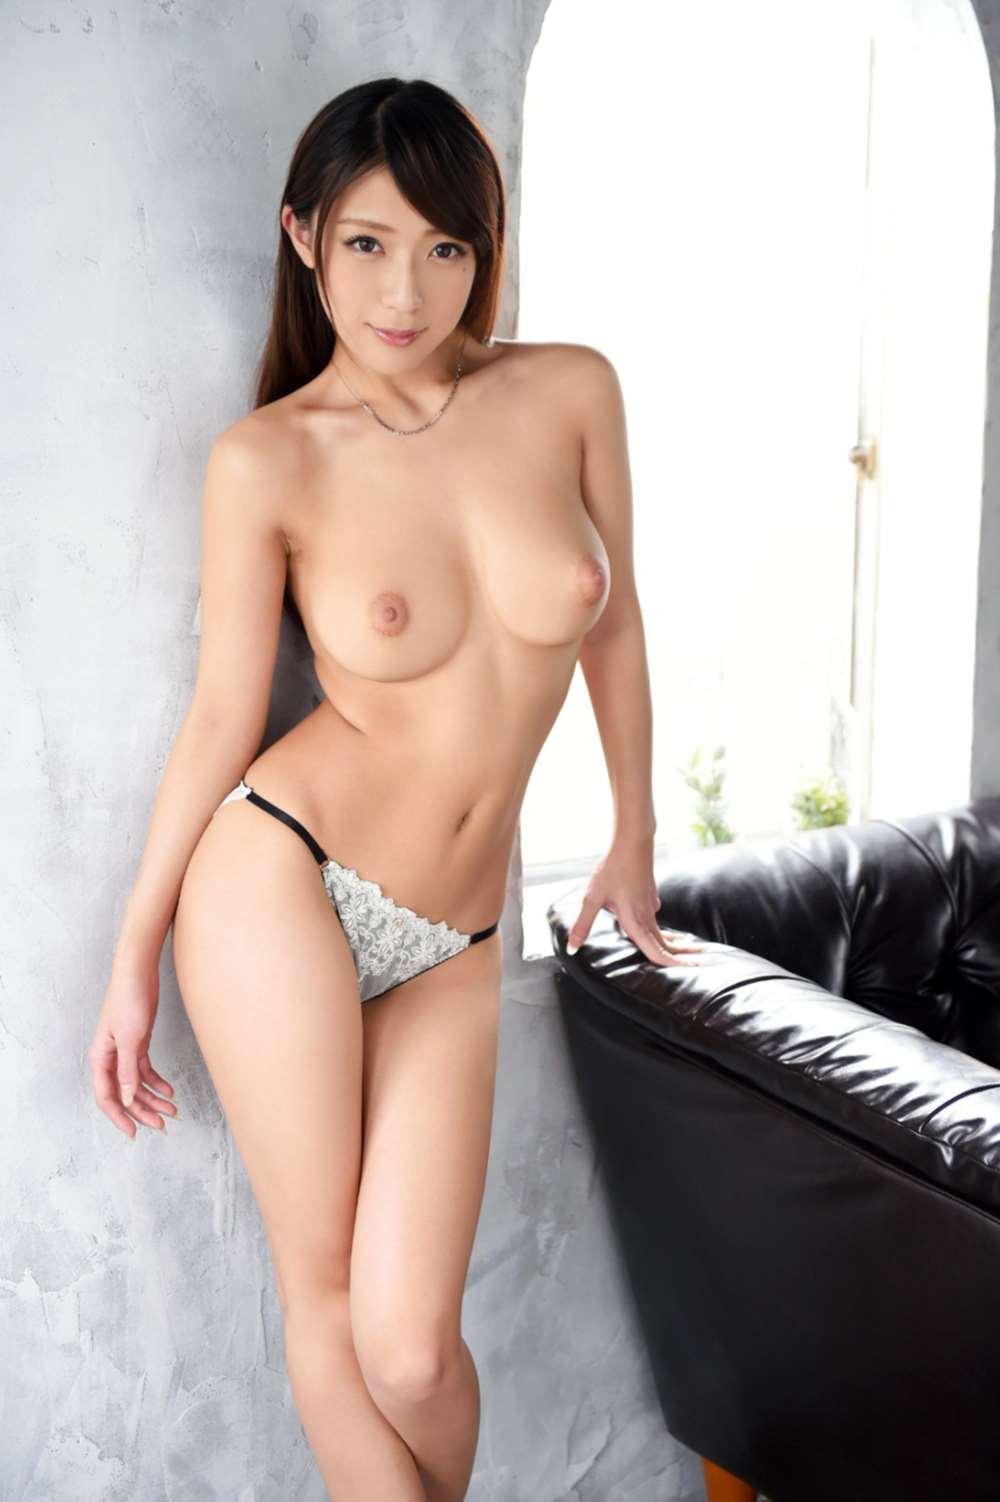 香椎りあ(雅さやか)スタイル抜群なセックス画像